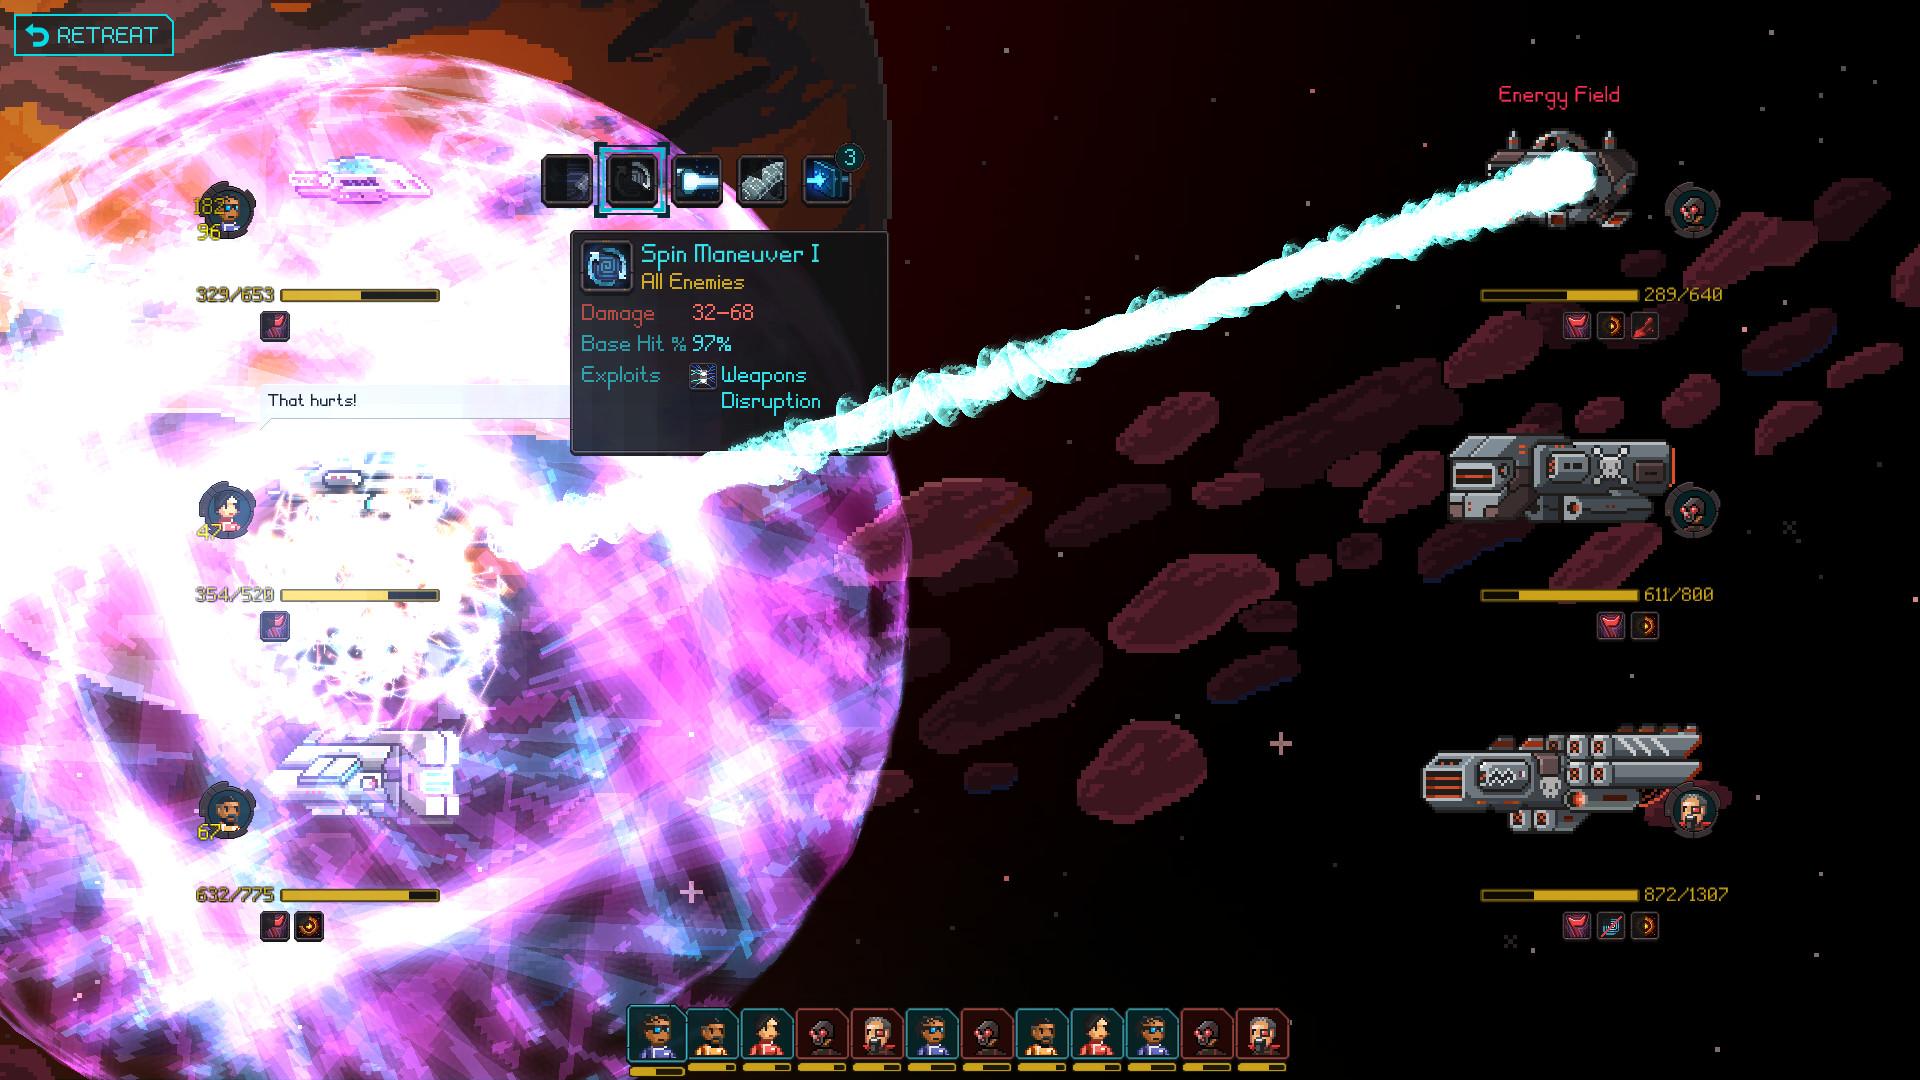 com.steam.371200-screenshot